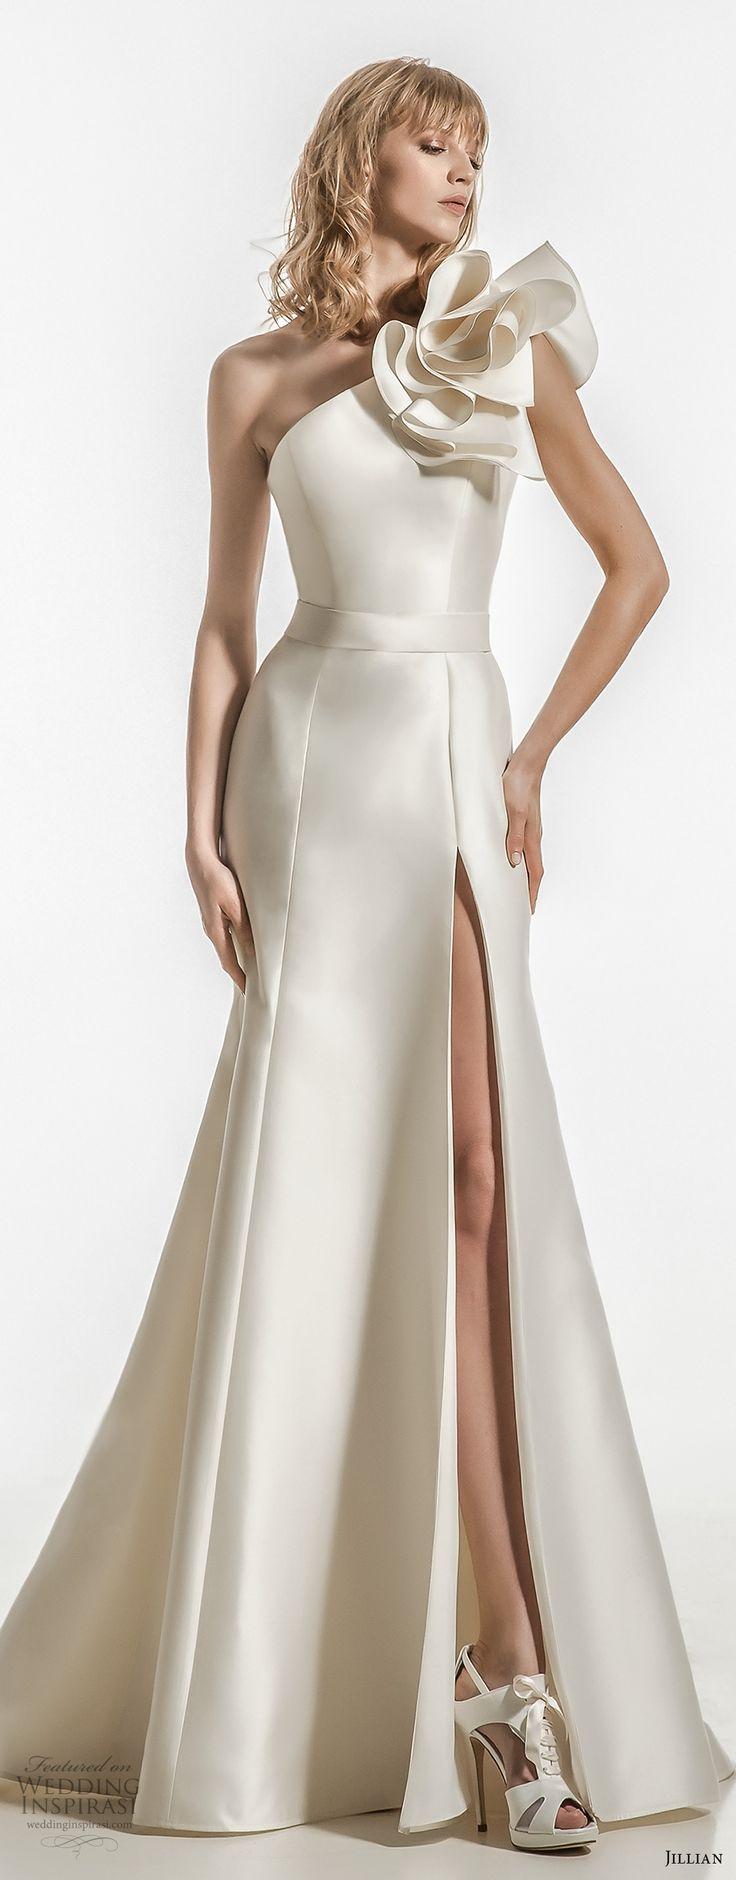 Modelo para novia o dama de honor.